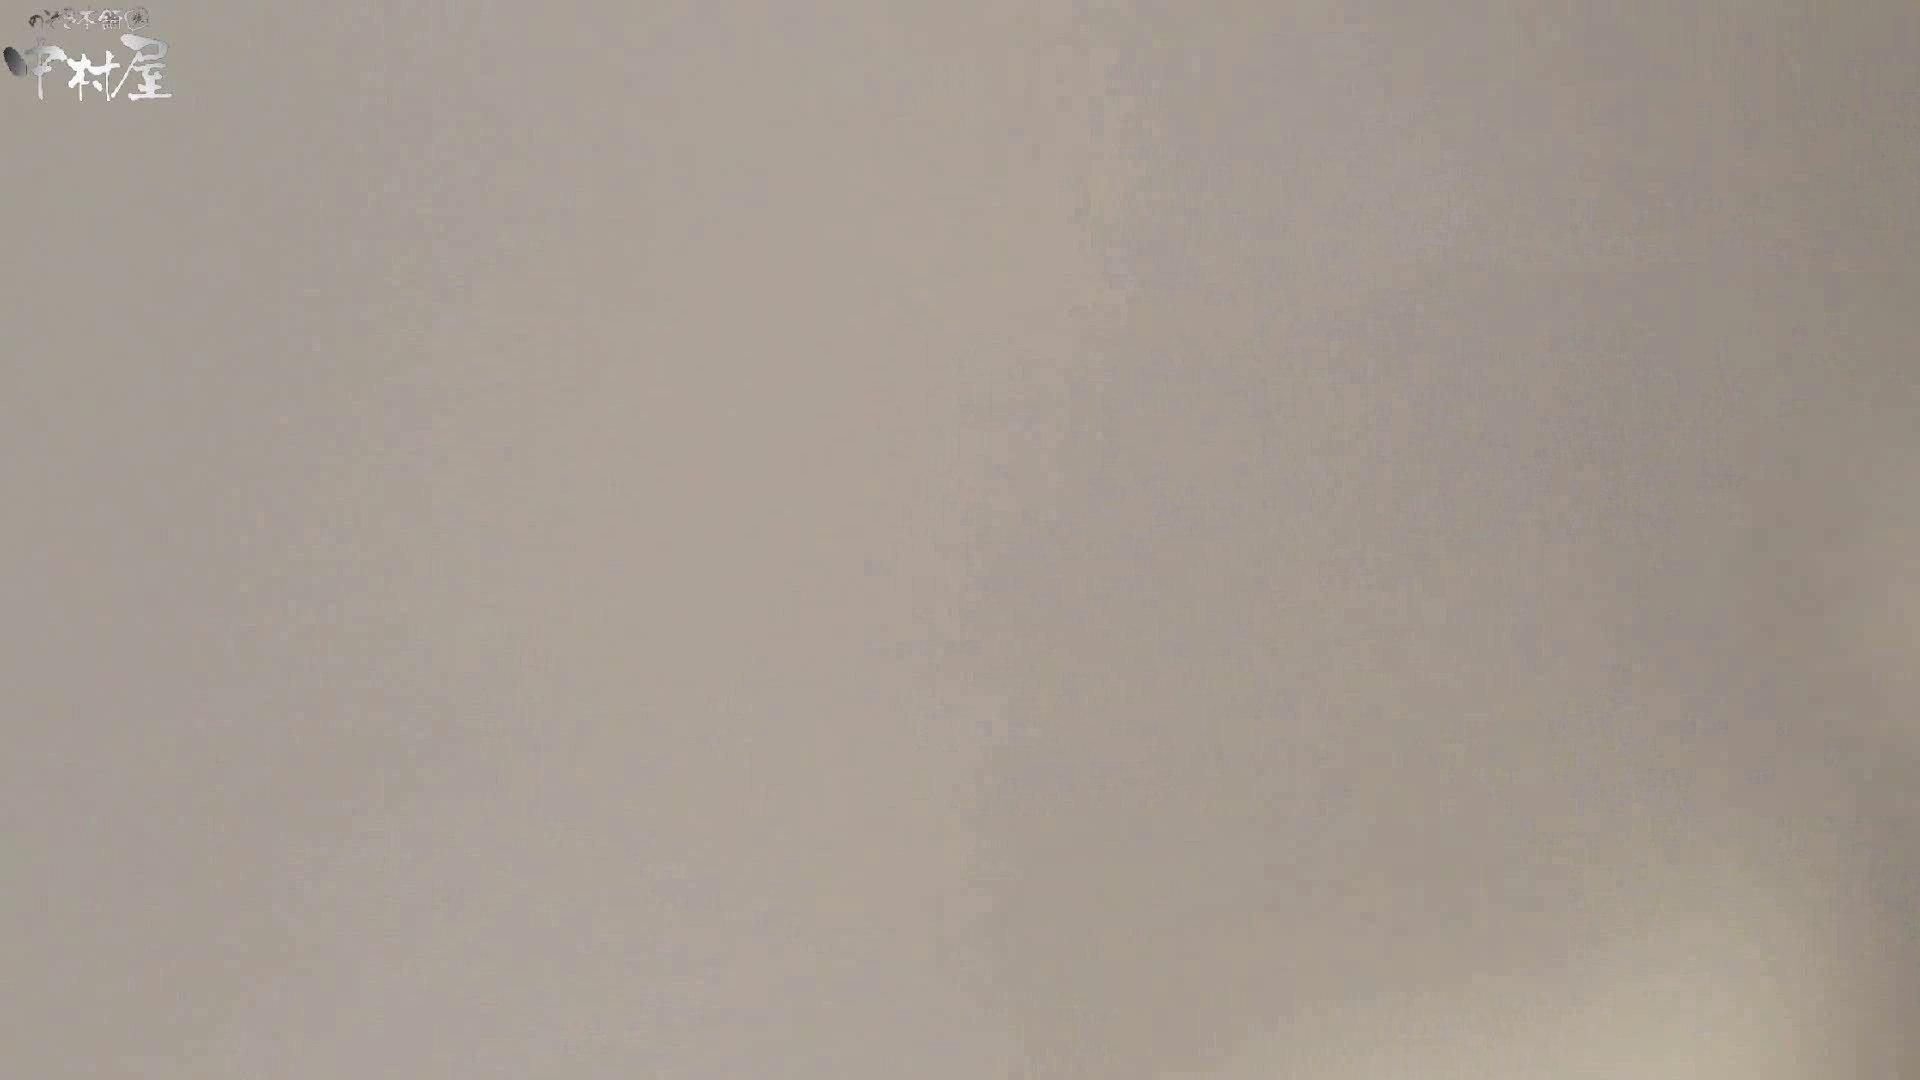 部活女子トイレ潜入編vol.1 女子トイレ 隠し撮りセックス画像 46連発 34